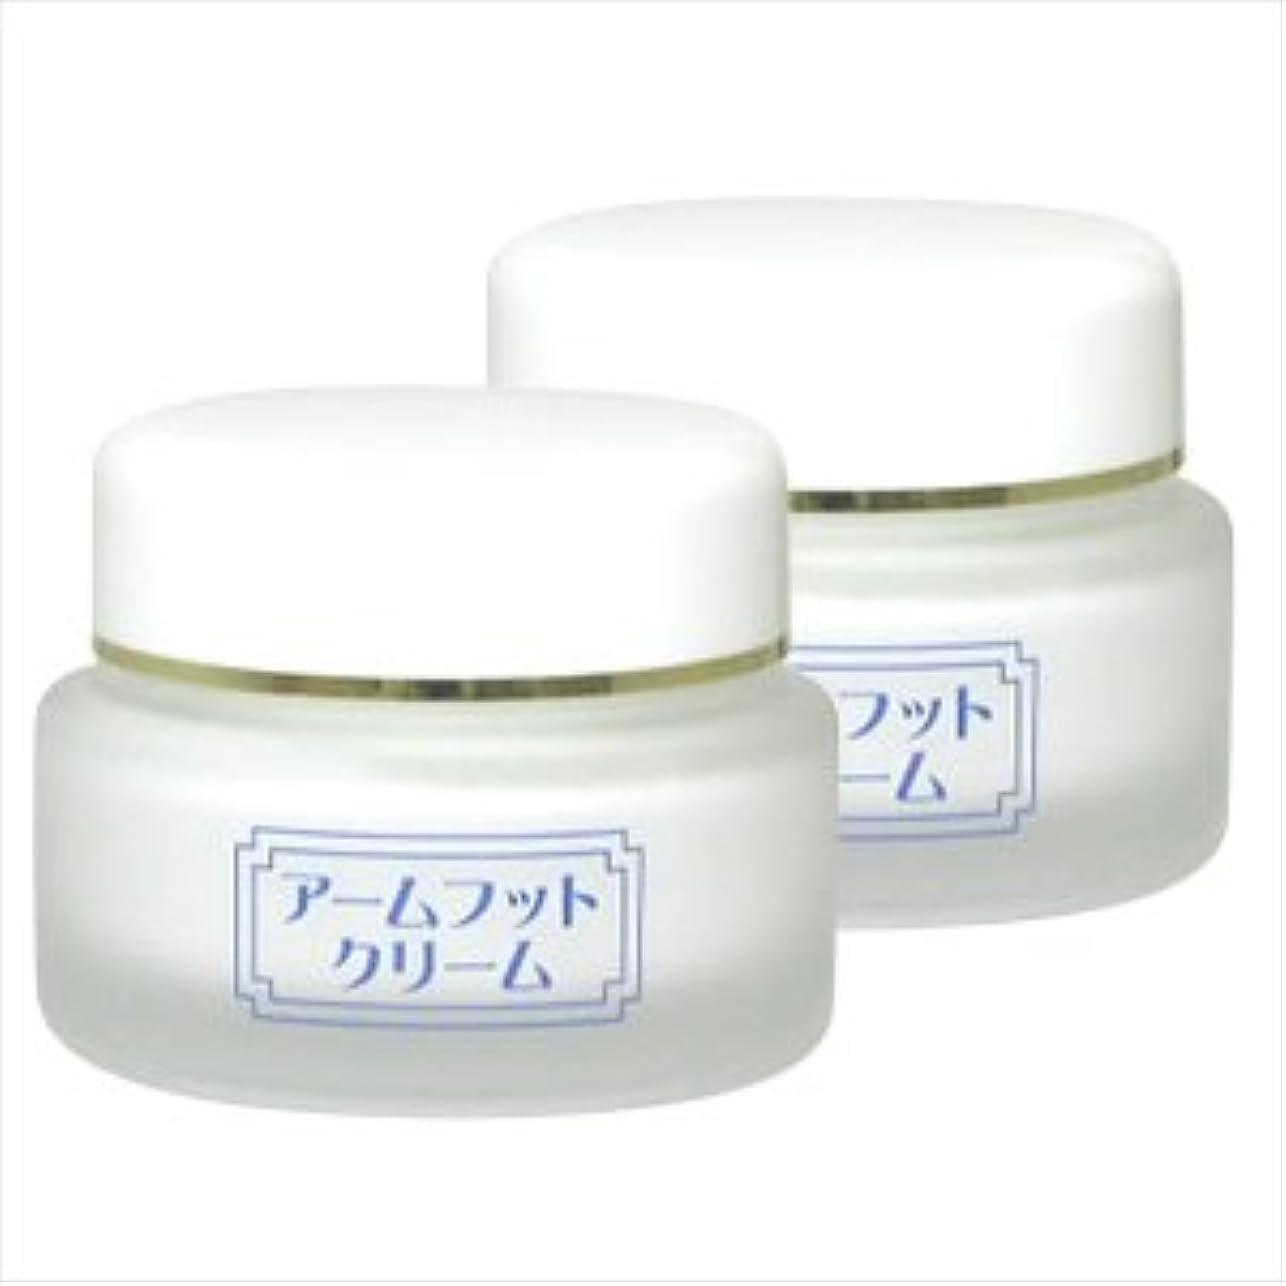 業界再集計カバレッジ薬用デオドラントクリーム アームフットクリーム(20g) (2個セット)